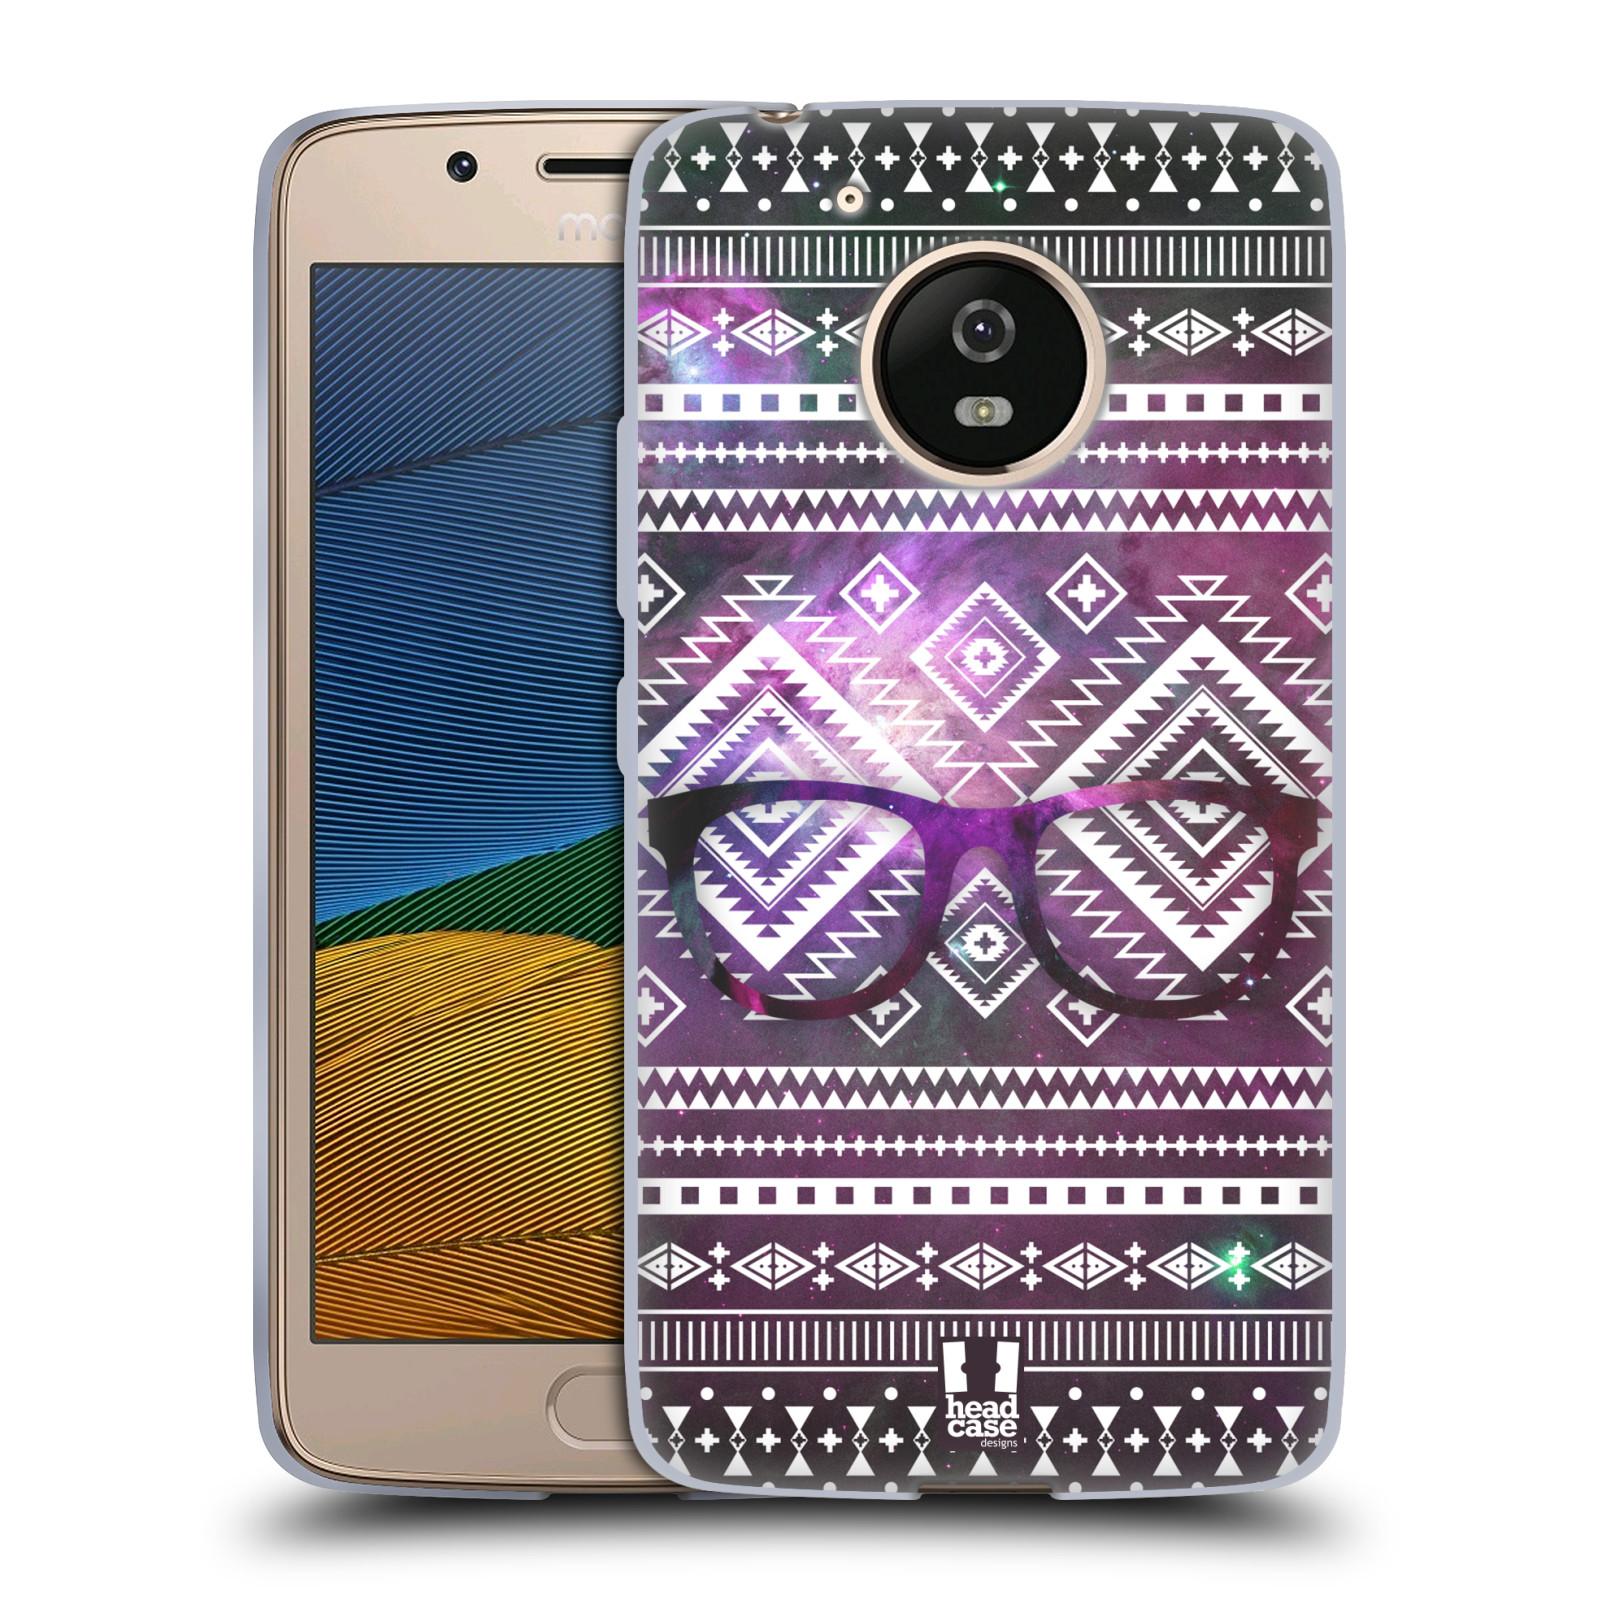 Silikonové pouzdro na mobil Lenovo Moto G5 - Head Case NEBULA BRÝLE (Silikonový kryt či obal na mobilní telefon Lenovo Moto G5)